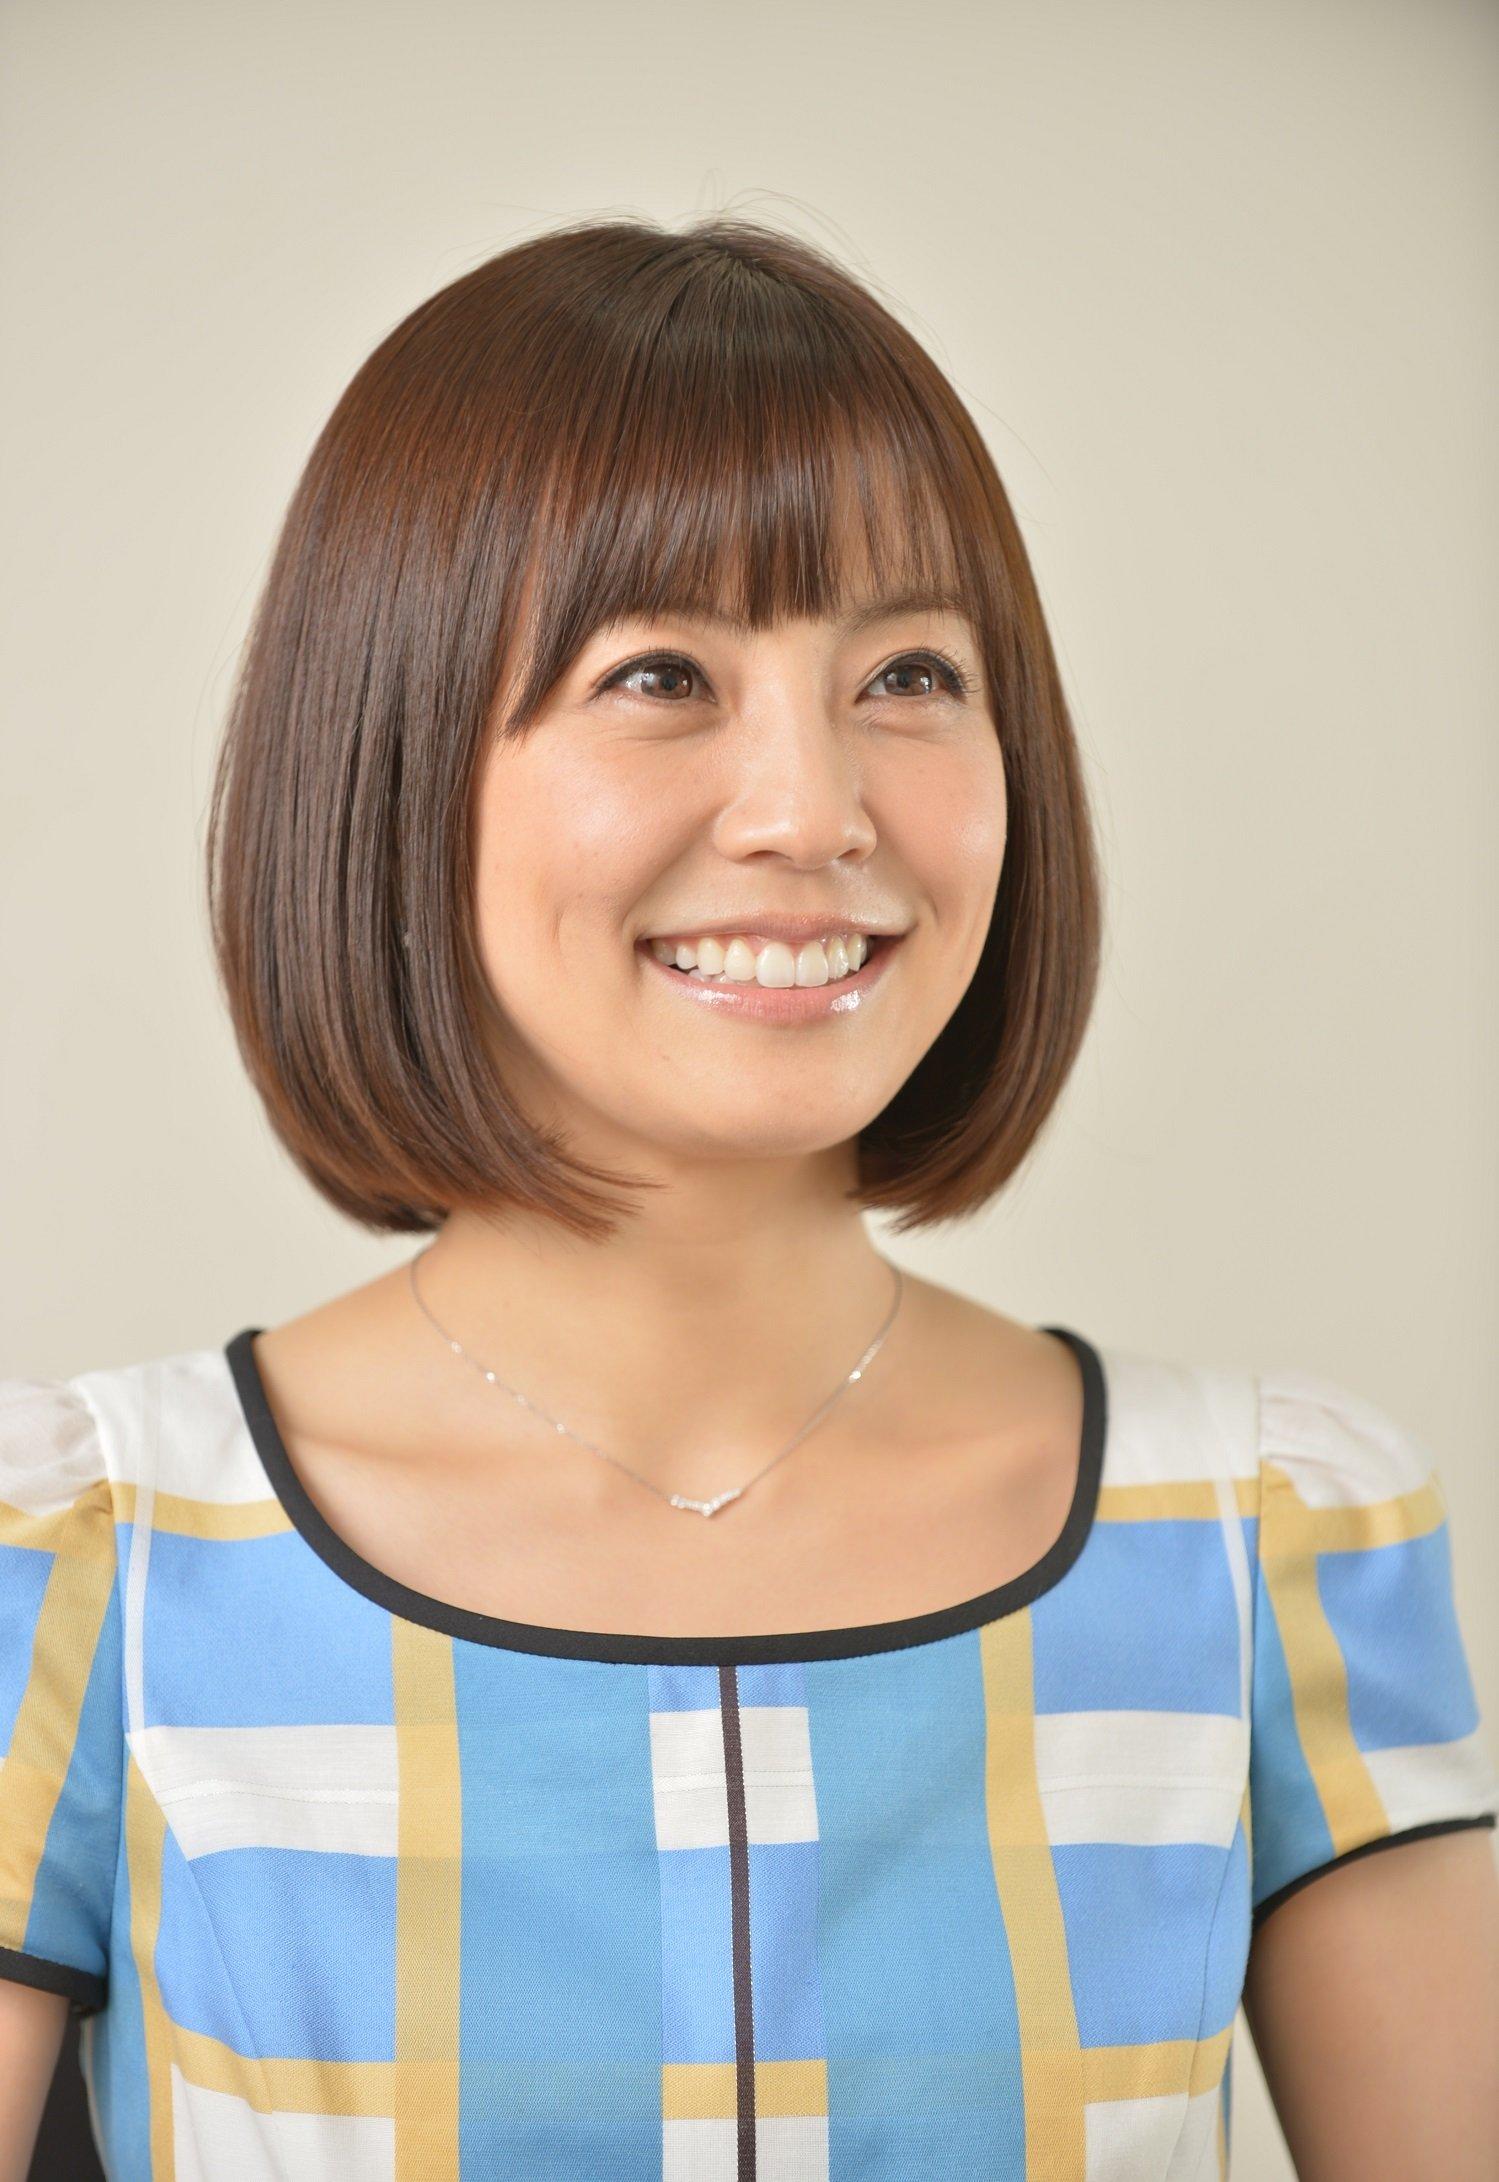 「小林麻耶 wiki」の画像検索結果